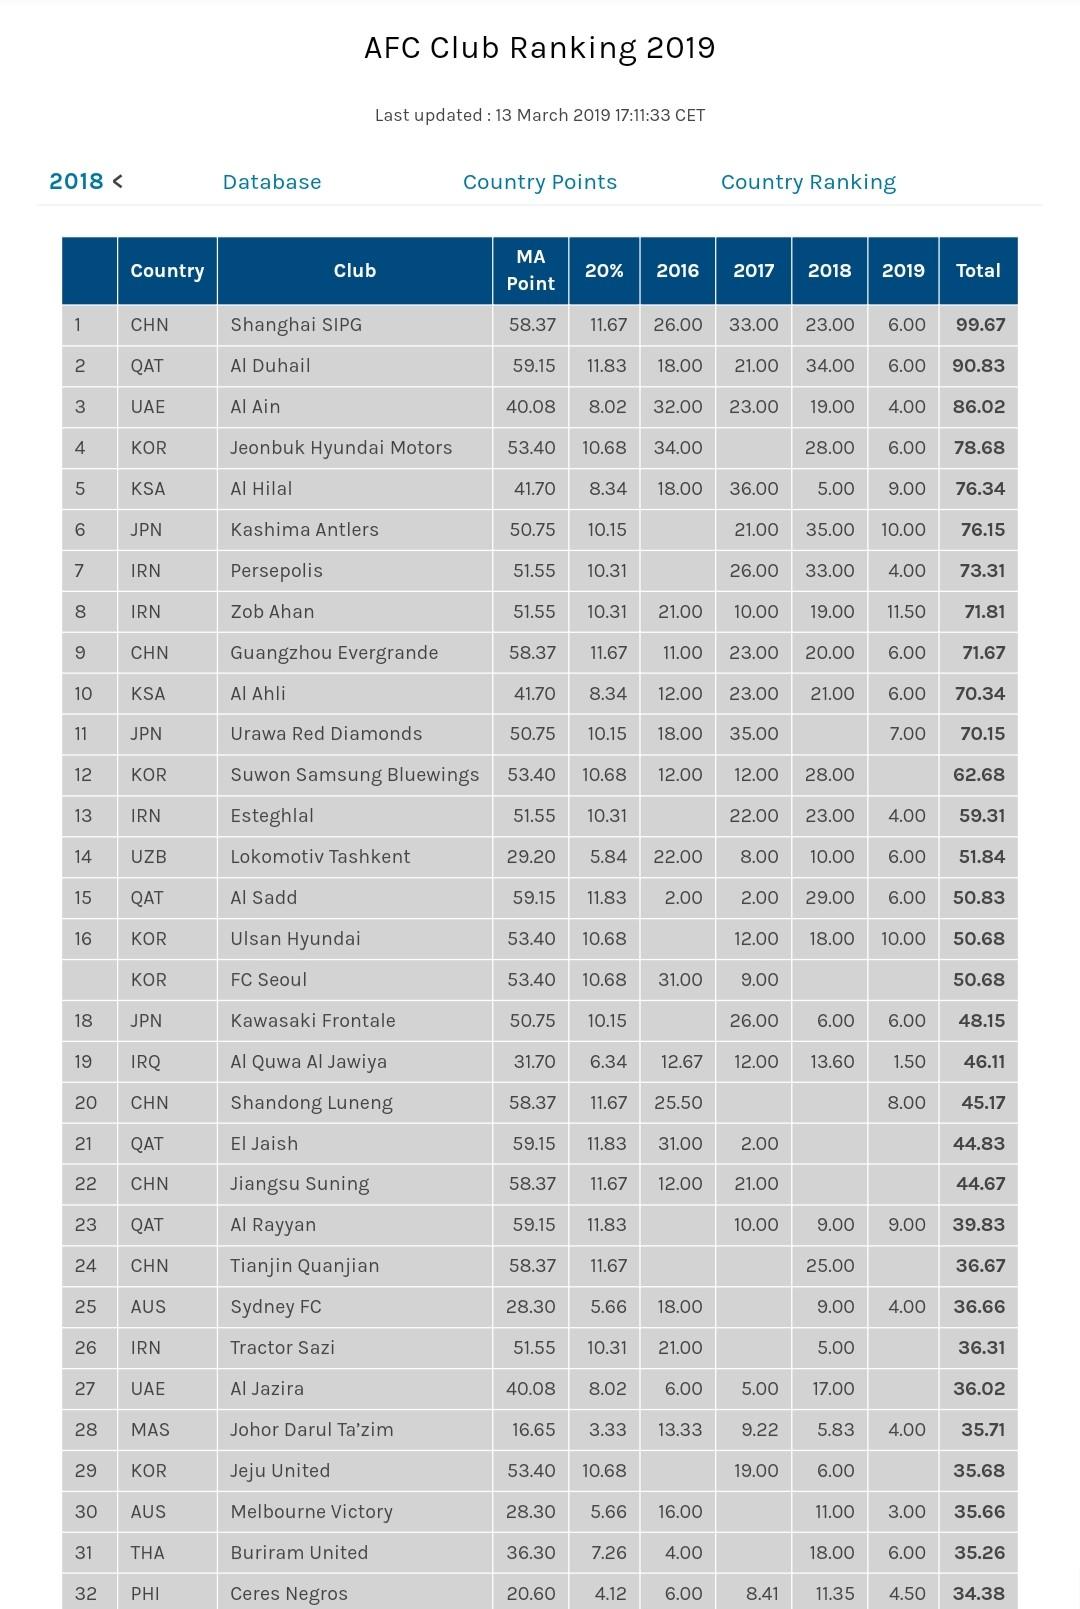 JDT Kelab Terbaik ASEAN dan Tangga ke-28 Asia